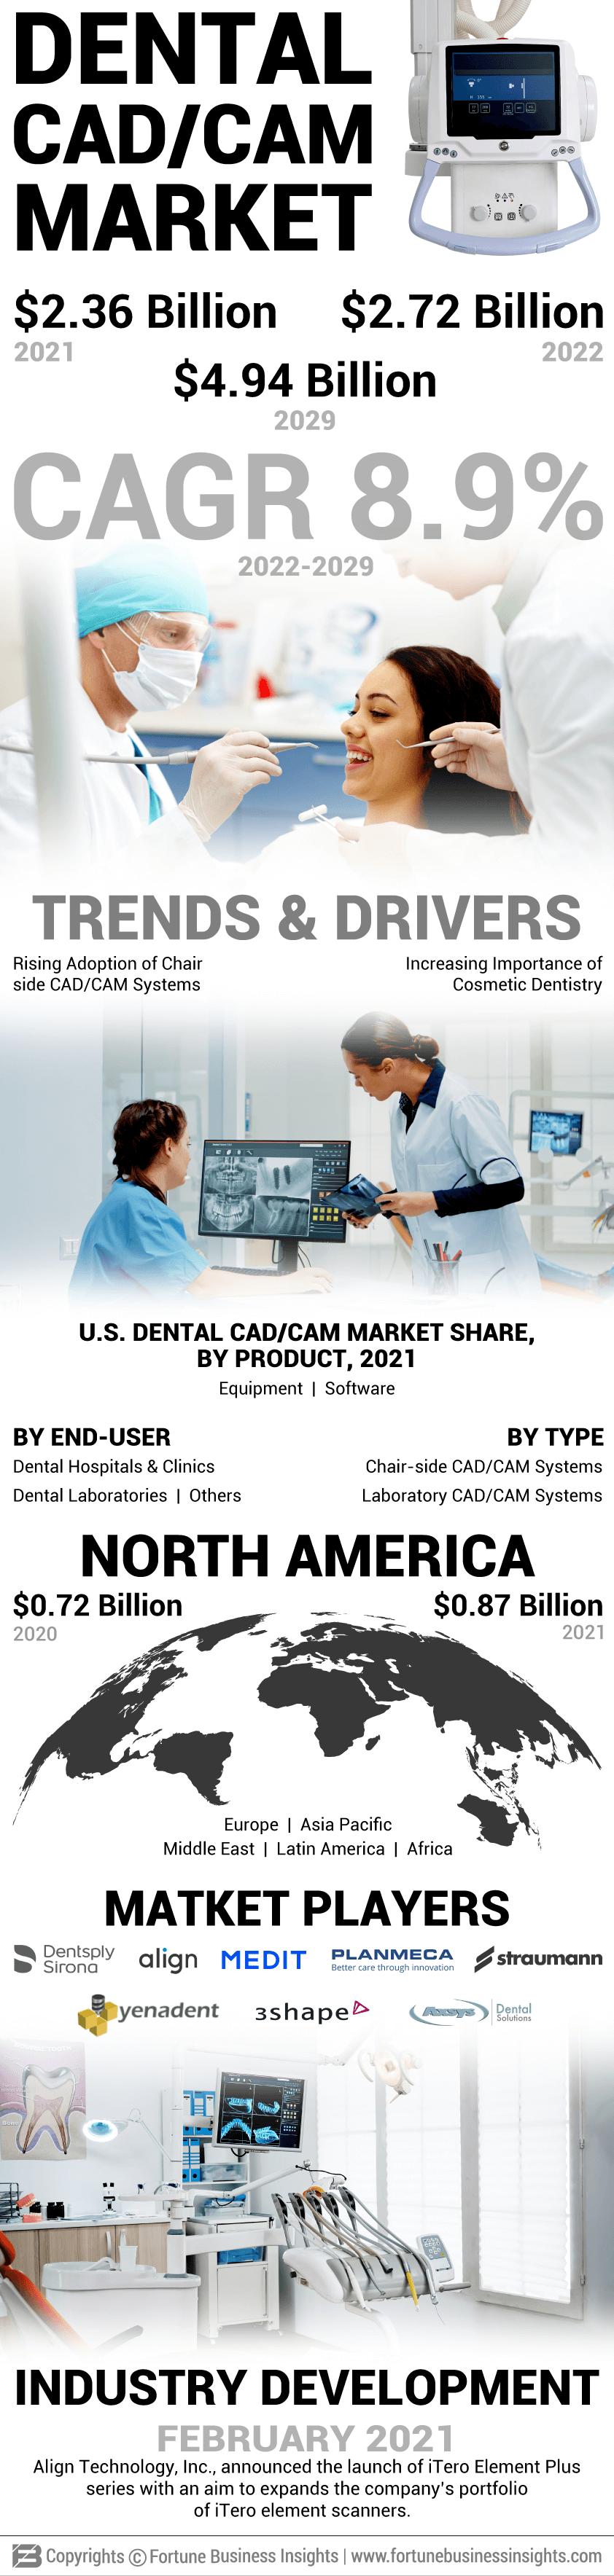 Dental CAD/CAM Market